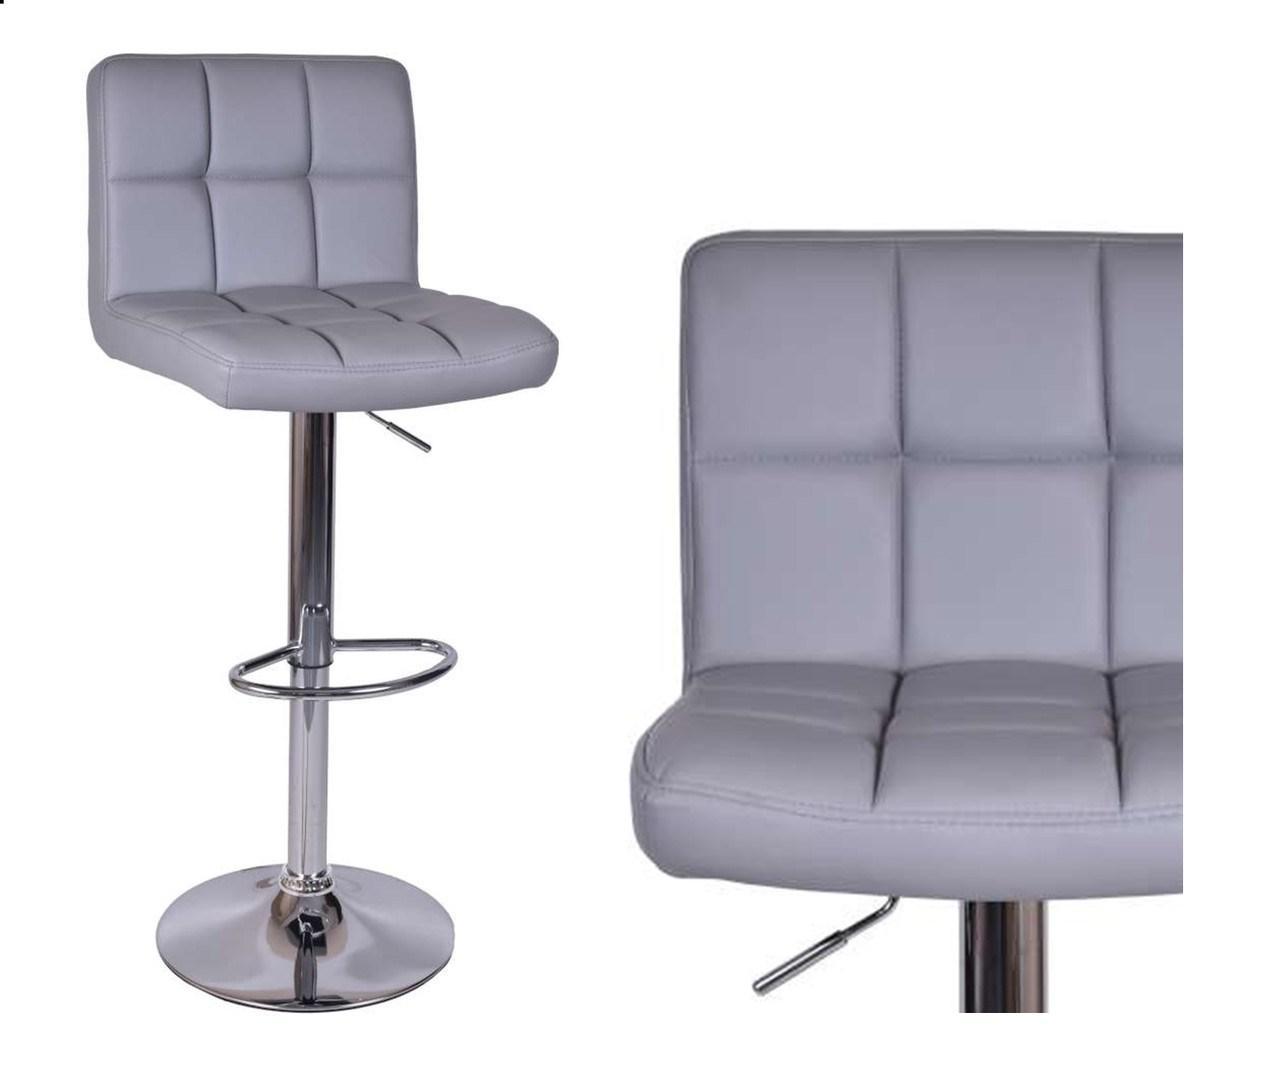 Барный стул барний стілець кресло на кухню Hoker серый